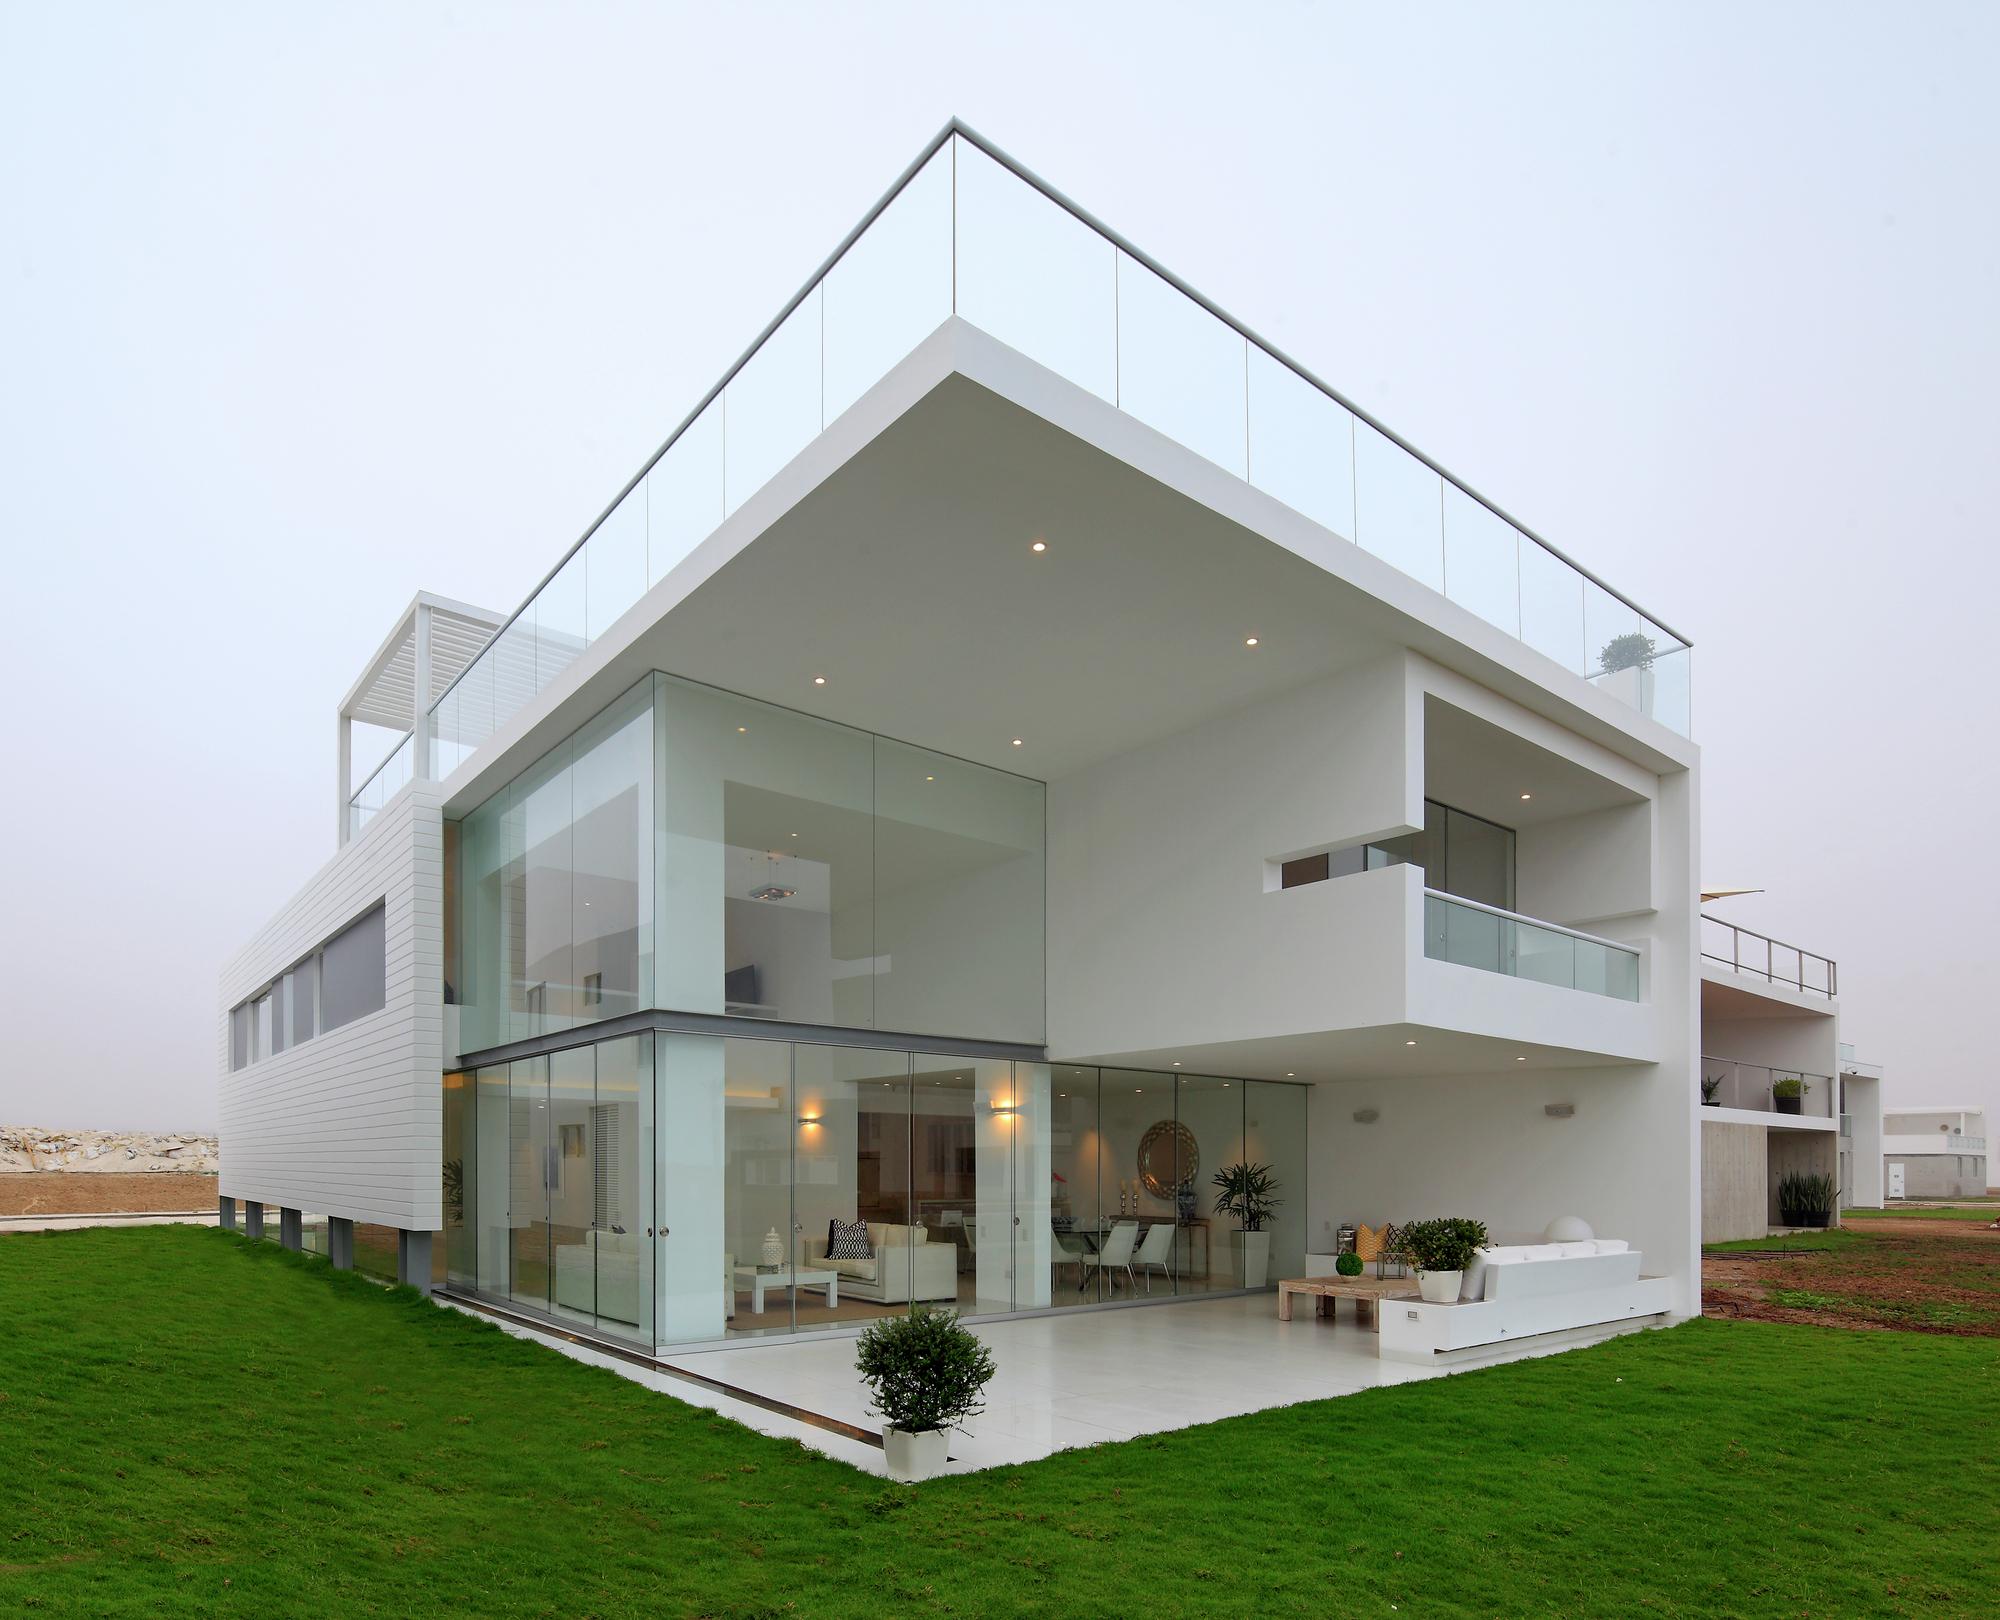 Mb house rubio arquitectos archdaily for Casa de arquitectos